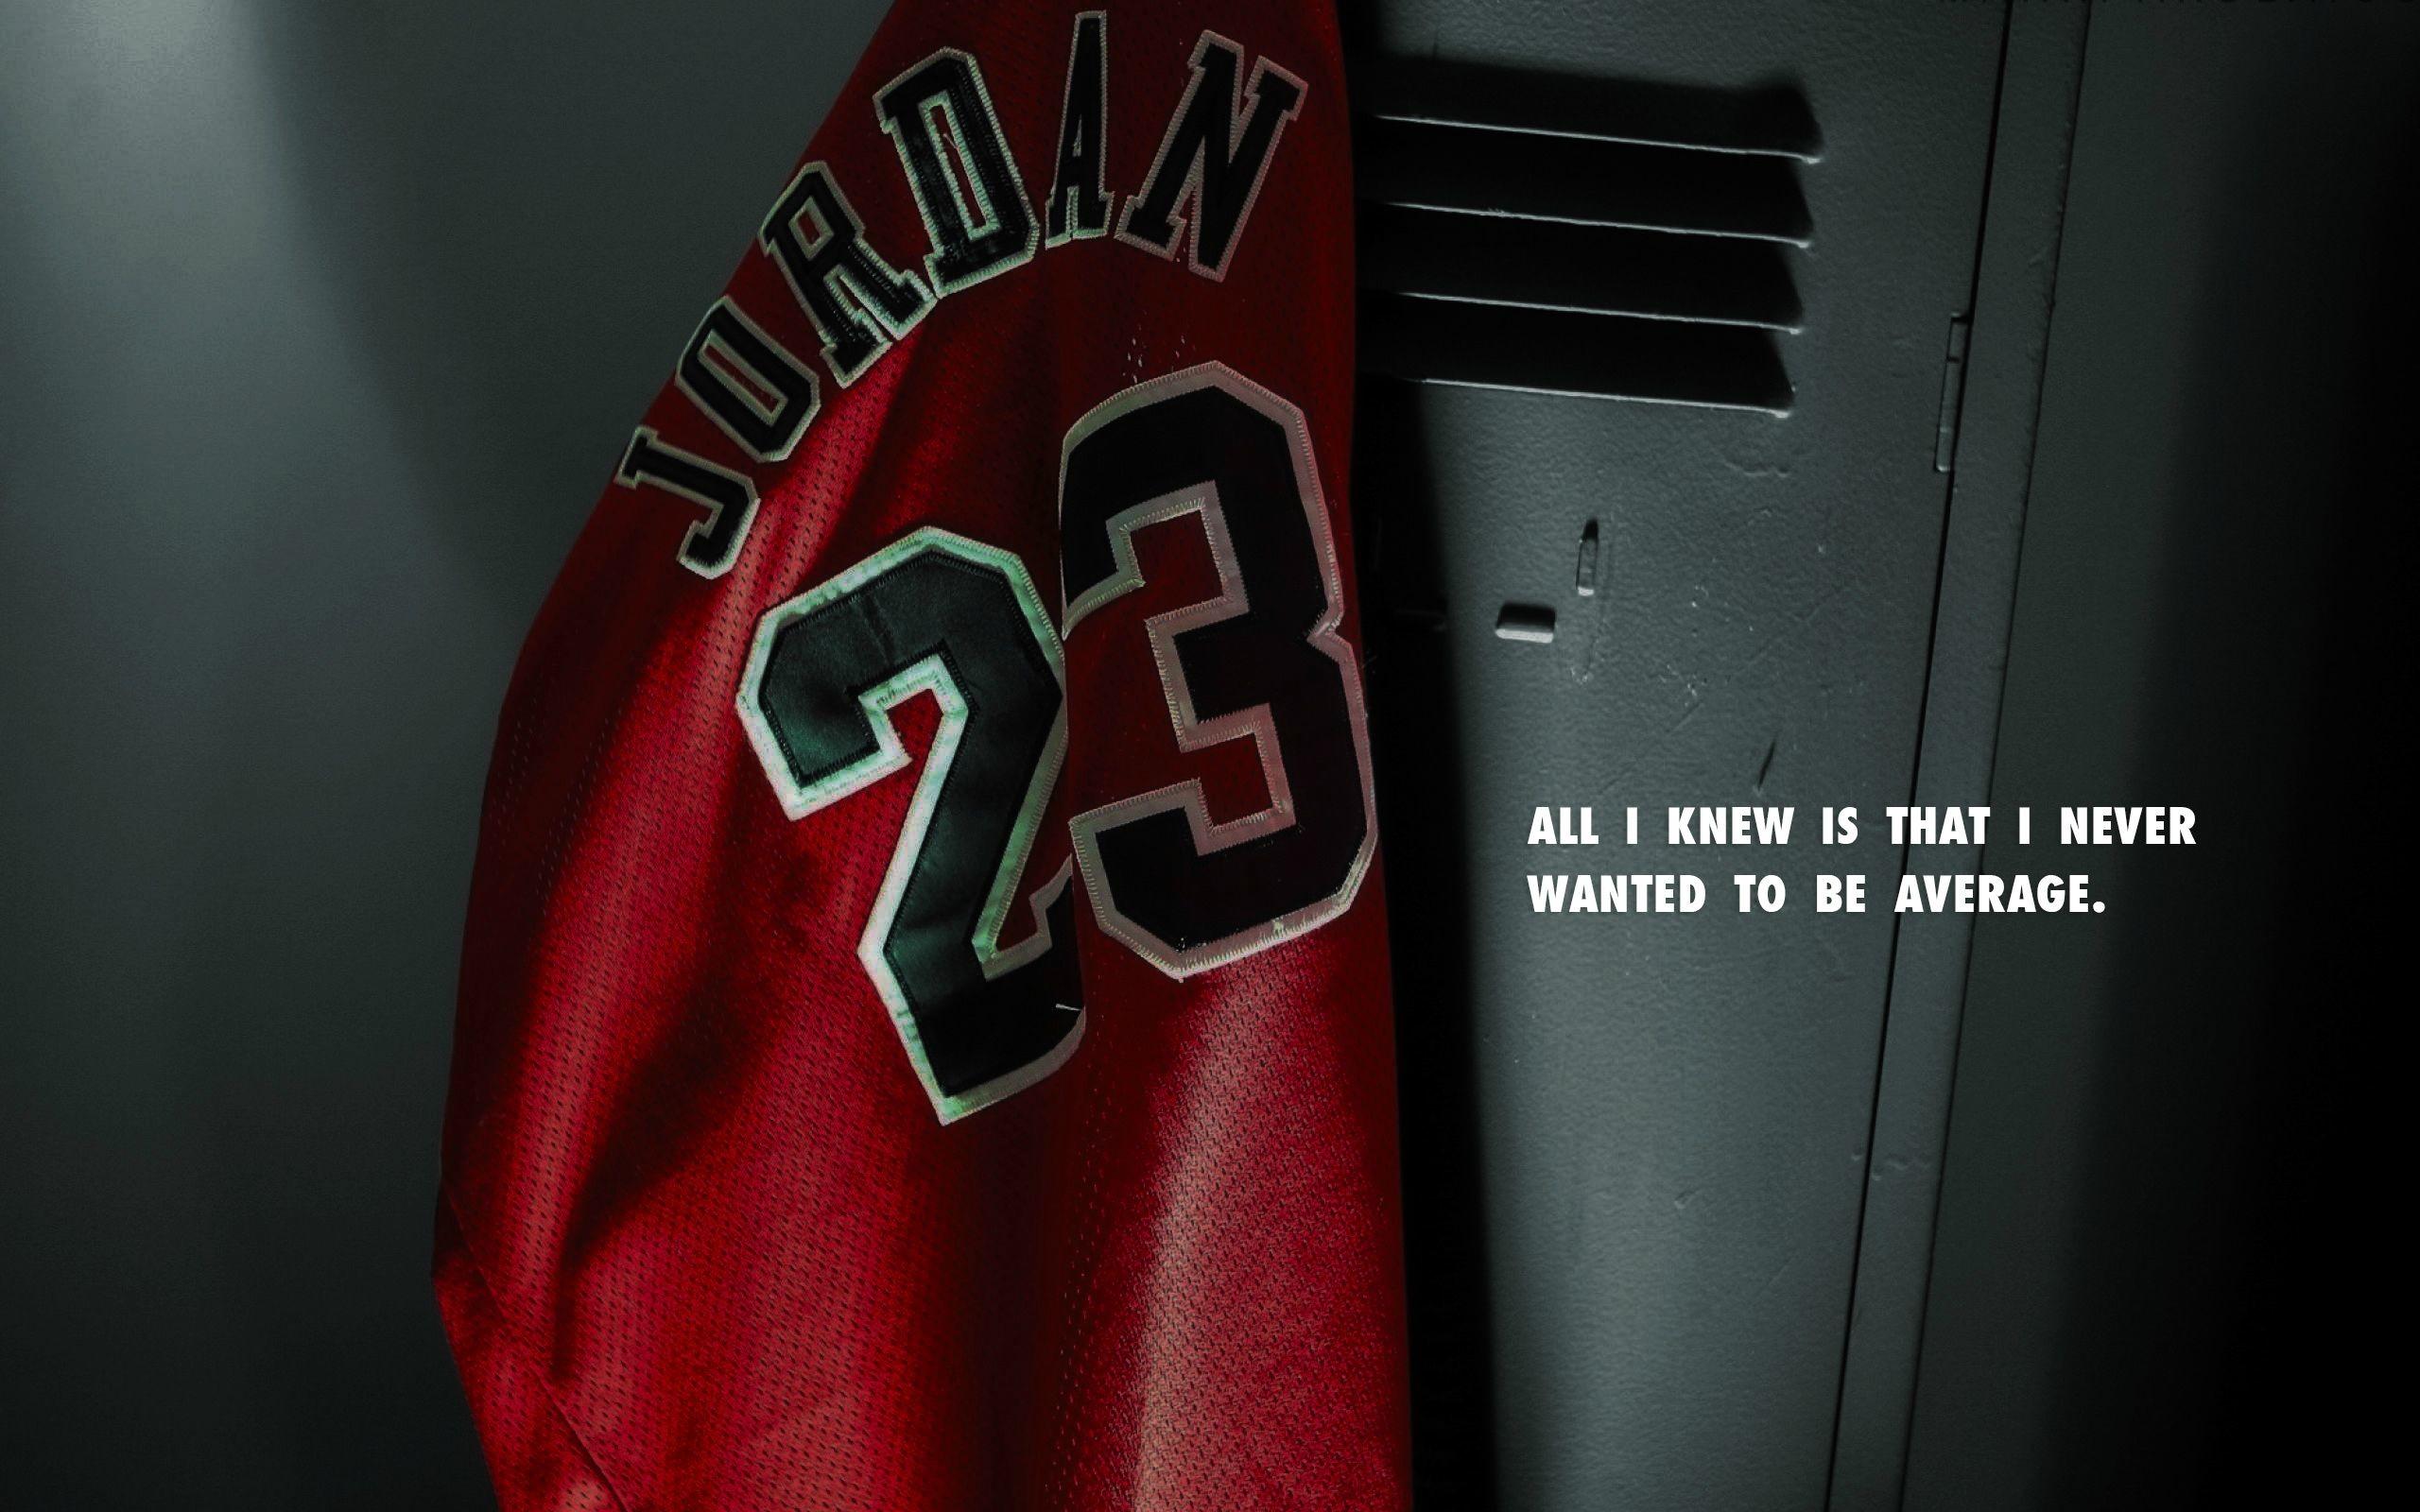 Michael-Jordan-Quote-Image